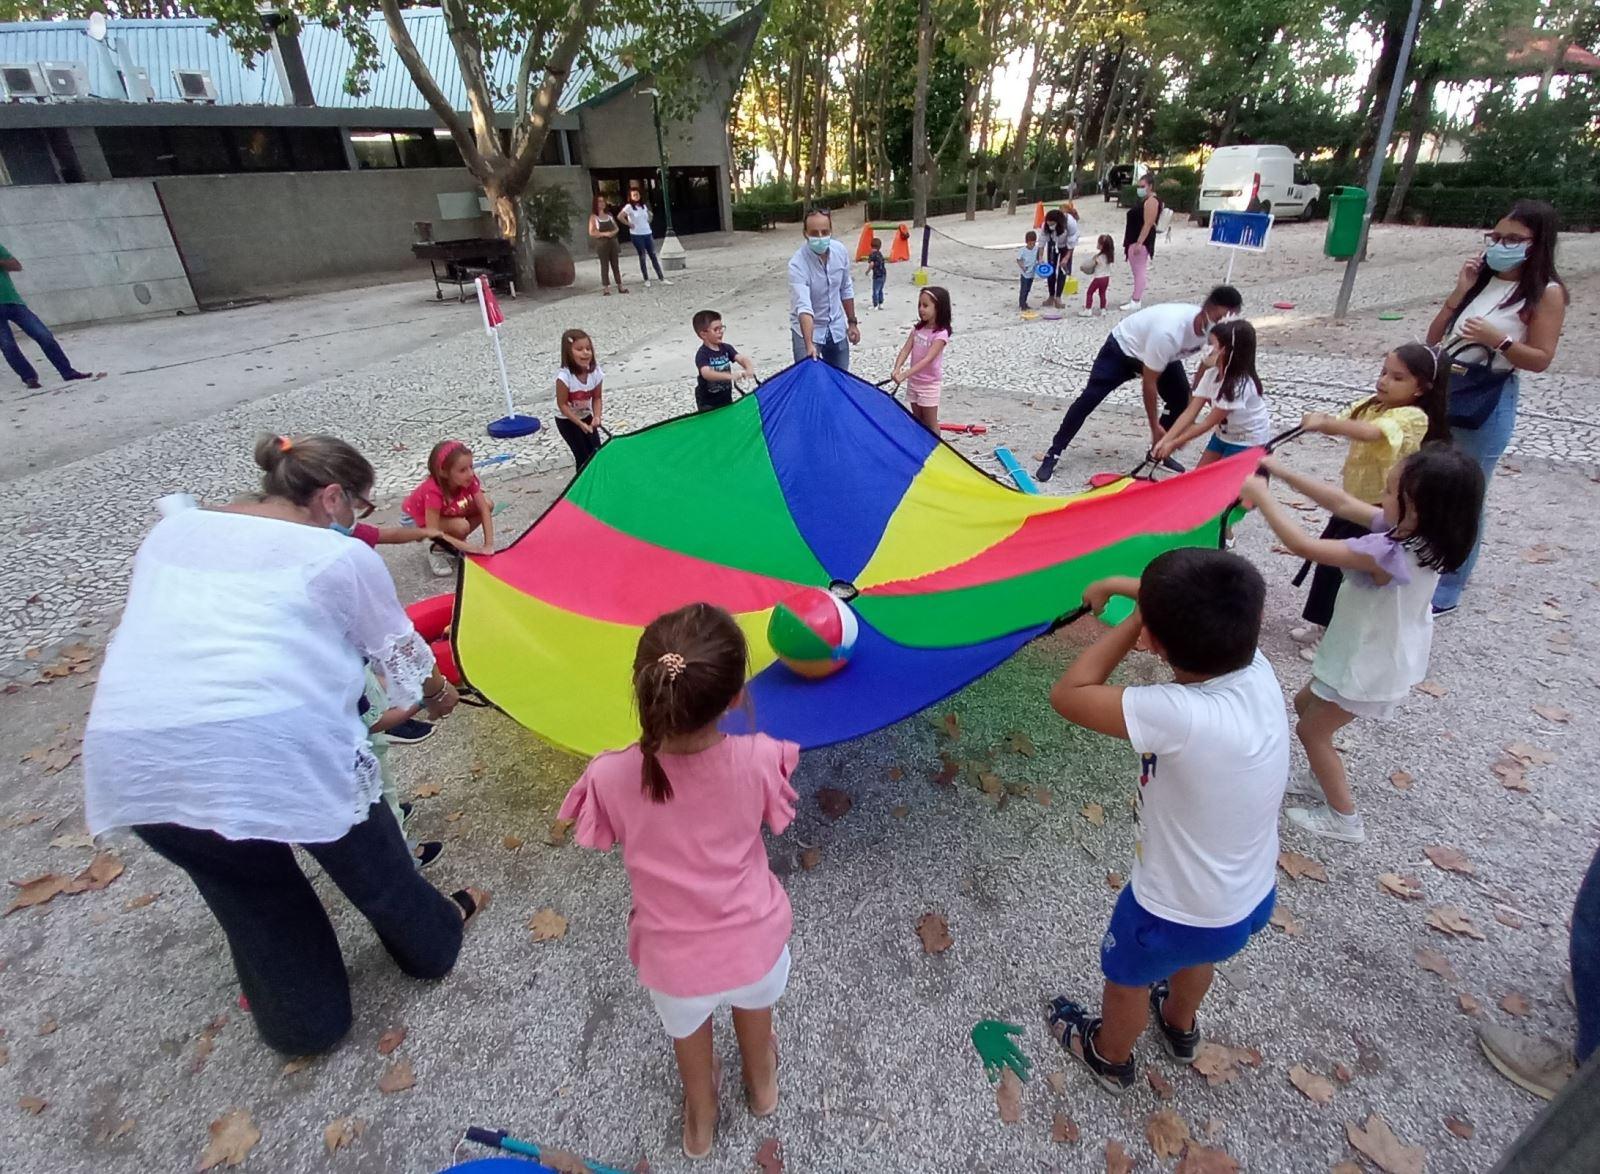 Vila Viçosa | Brincar com diversão e consciência